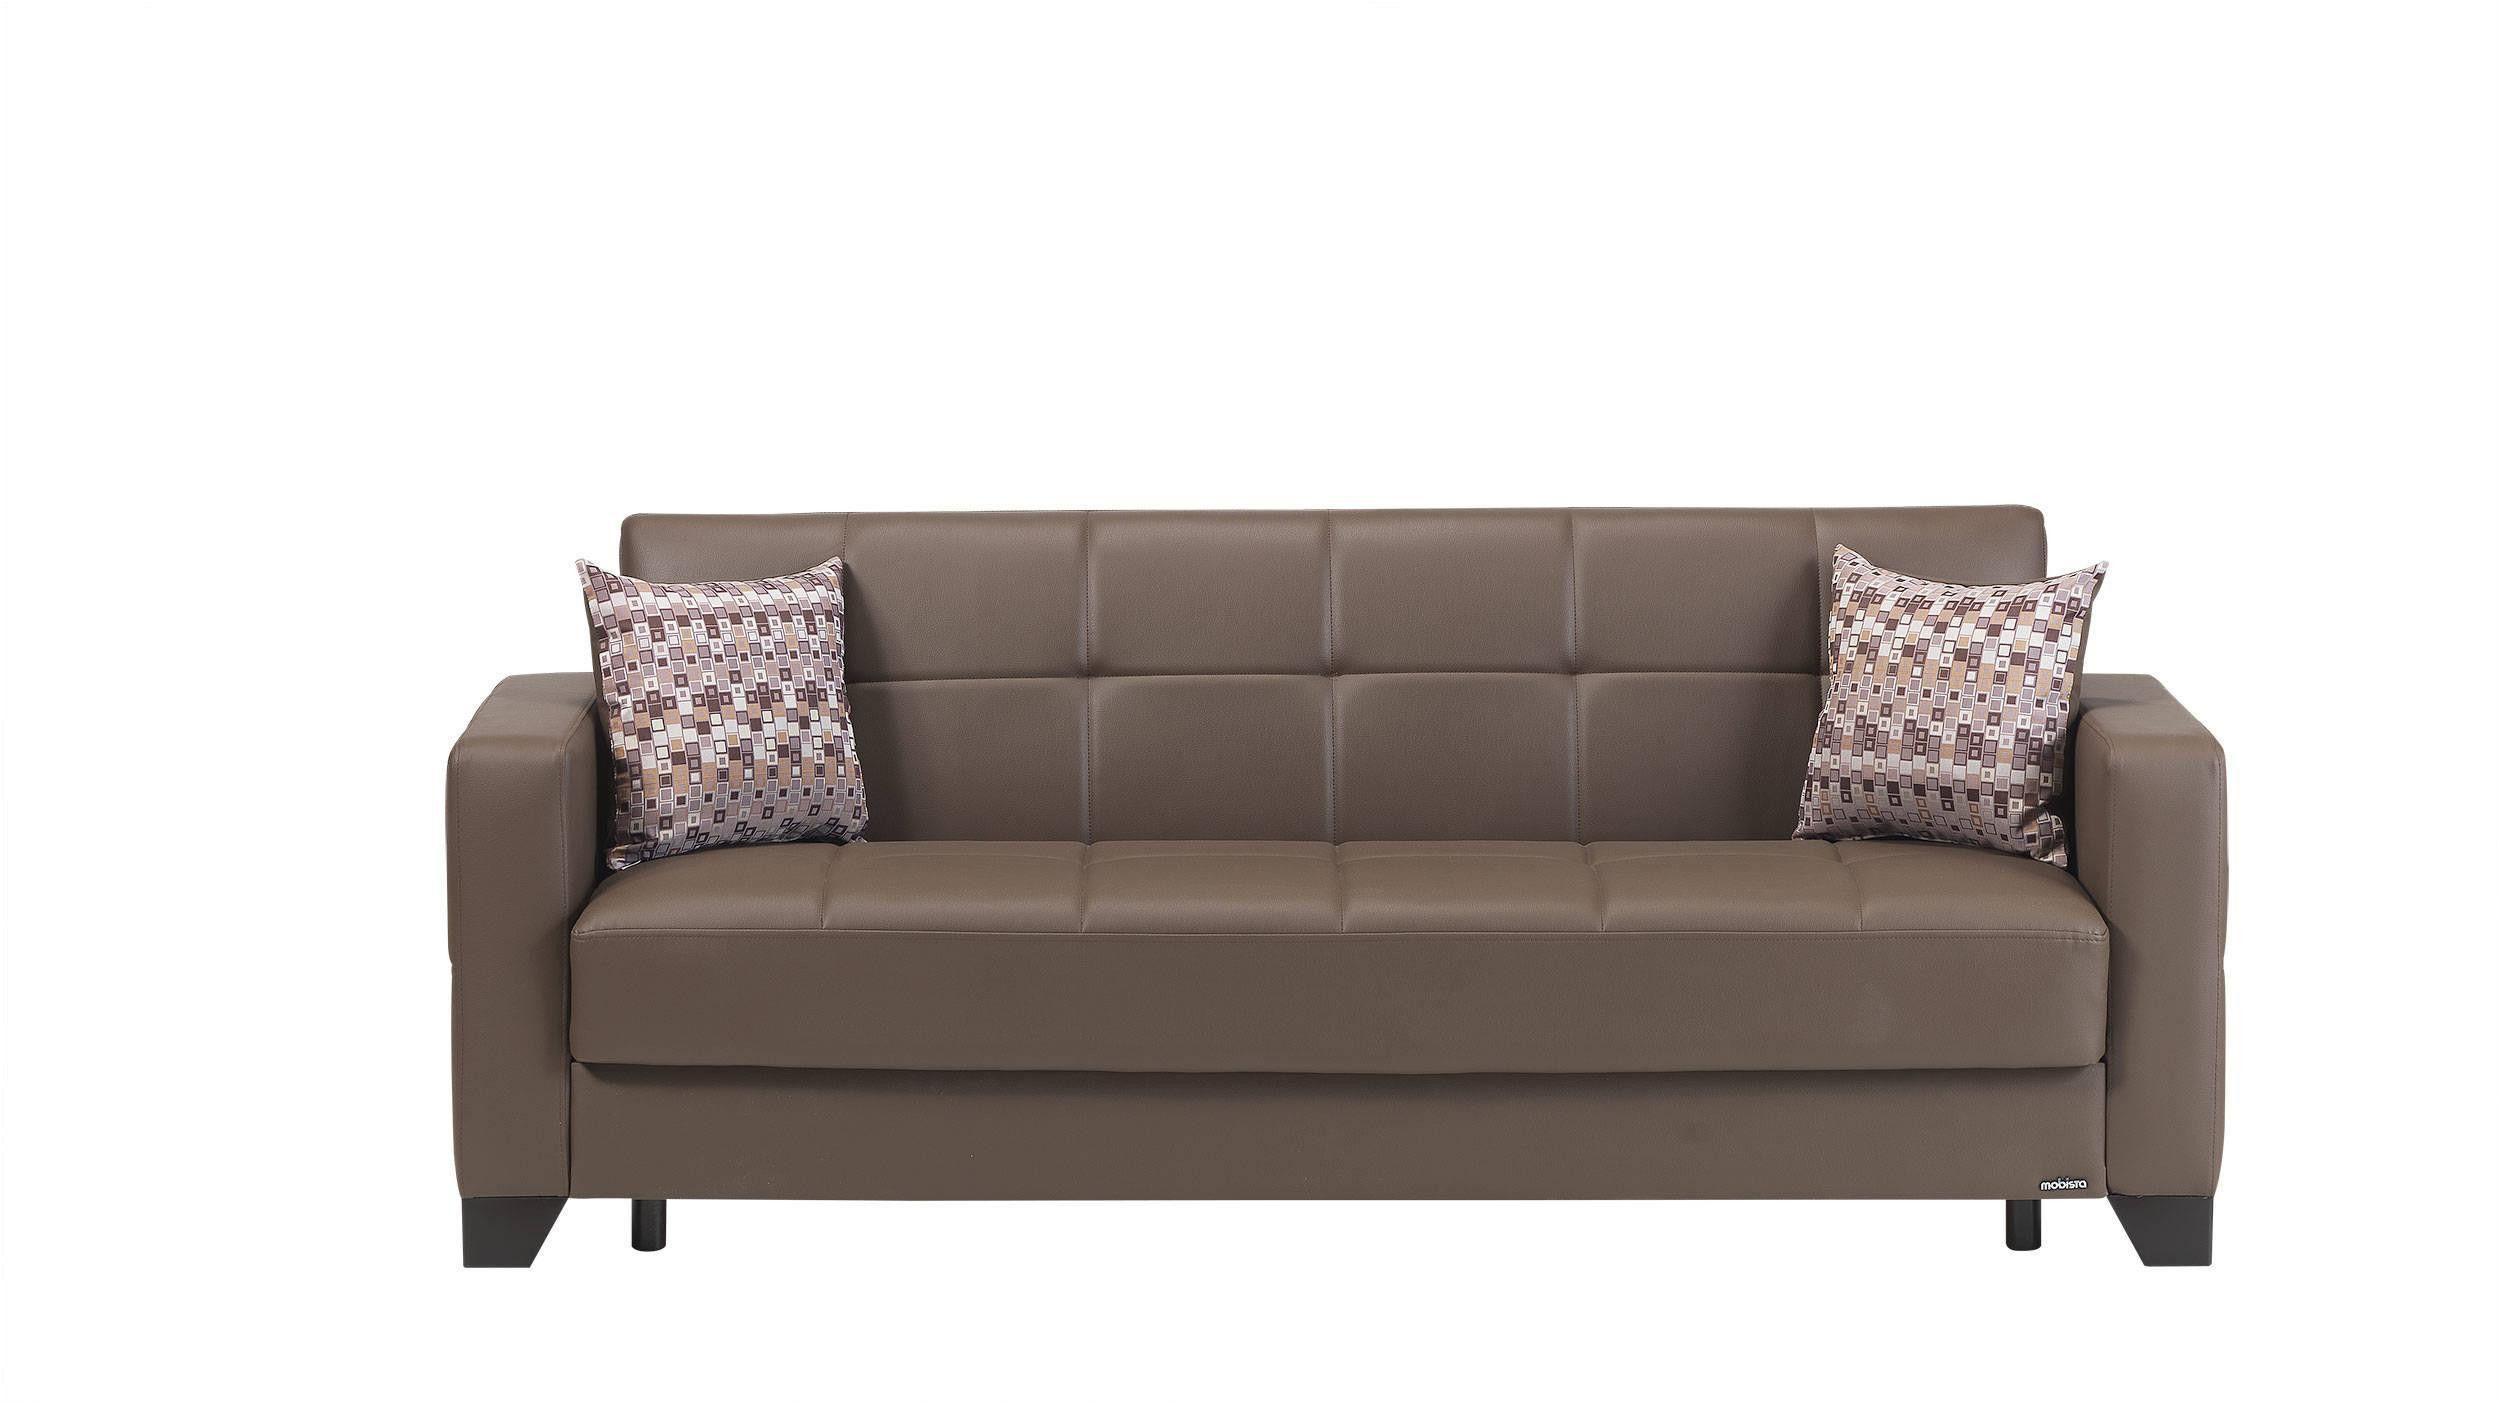 Full Size of Sofa Boxspring Otto Mbel Couchgarnituren Bequemes Einzigartig Big Bed Mit Verstellbarer Sitztiefe Liege Schlafsofa Liegefläche 180x200 Inhofer Verkaufen 3 Sofa Sofa Boxspring